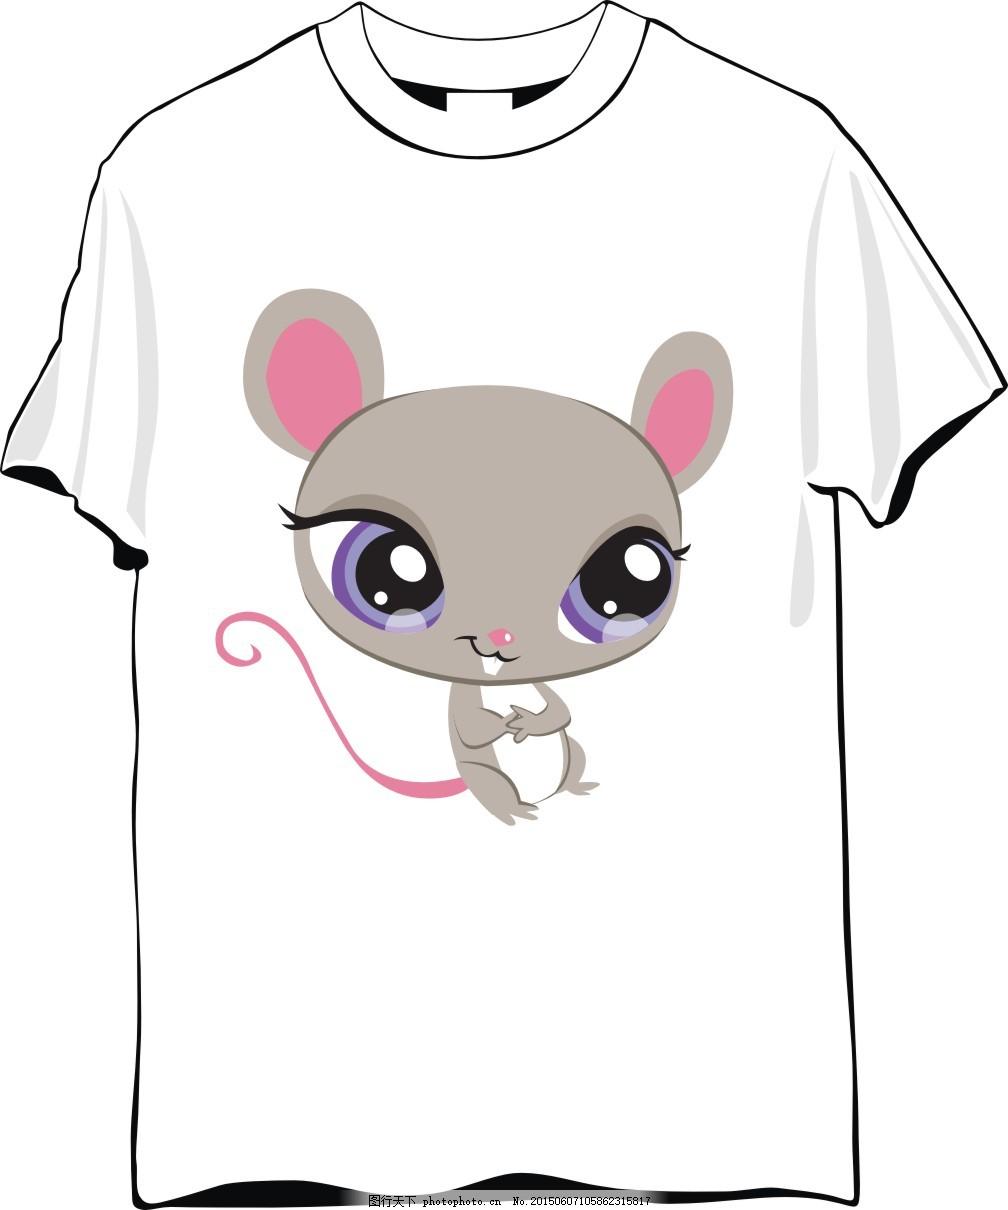 白色可爱t恤 动物图案t恤 可爱t恤 白色 涂鸦 手绘 彩色 卡通 矢量图